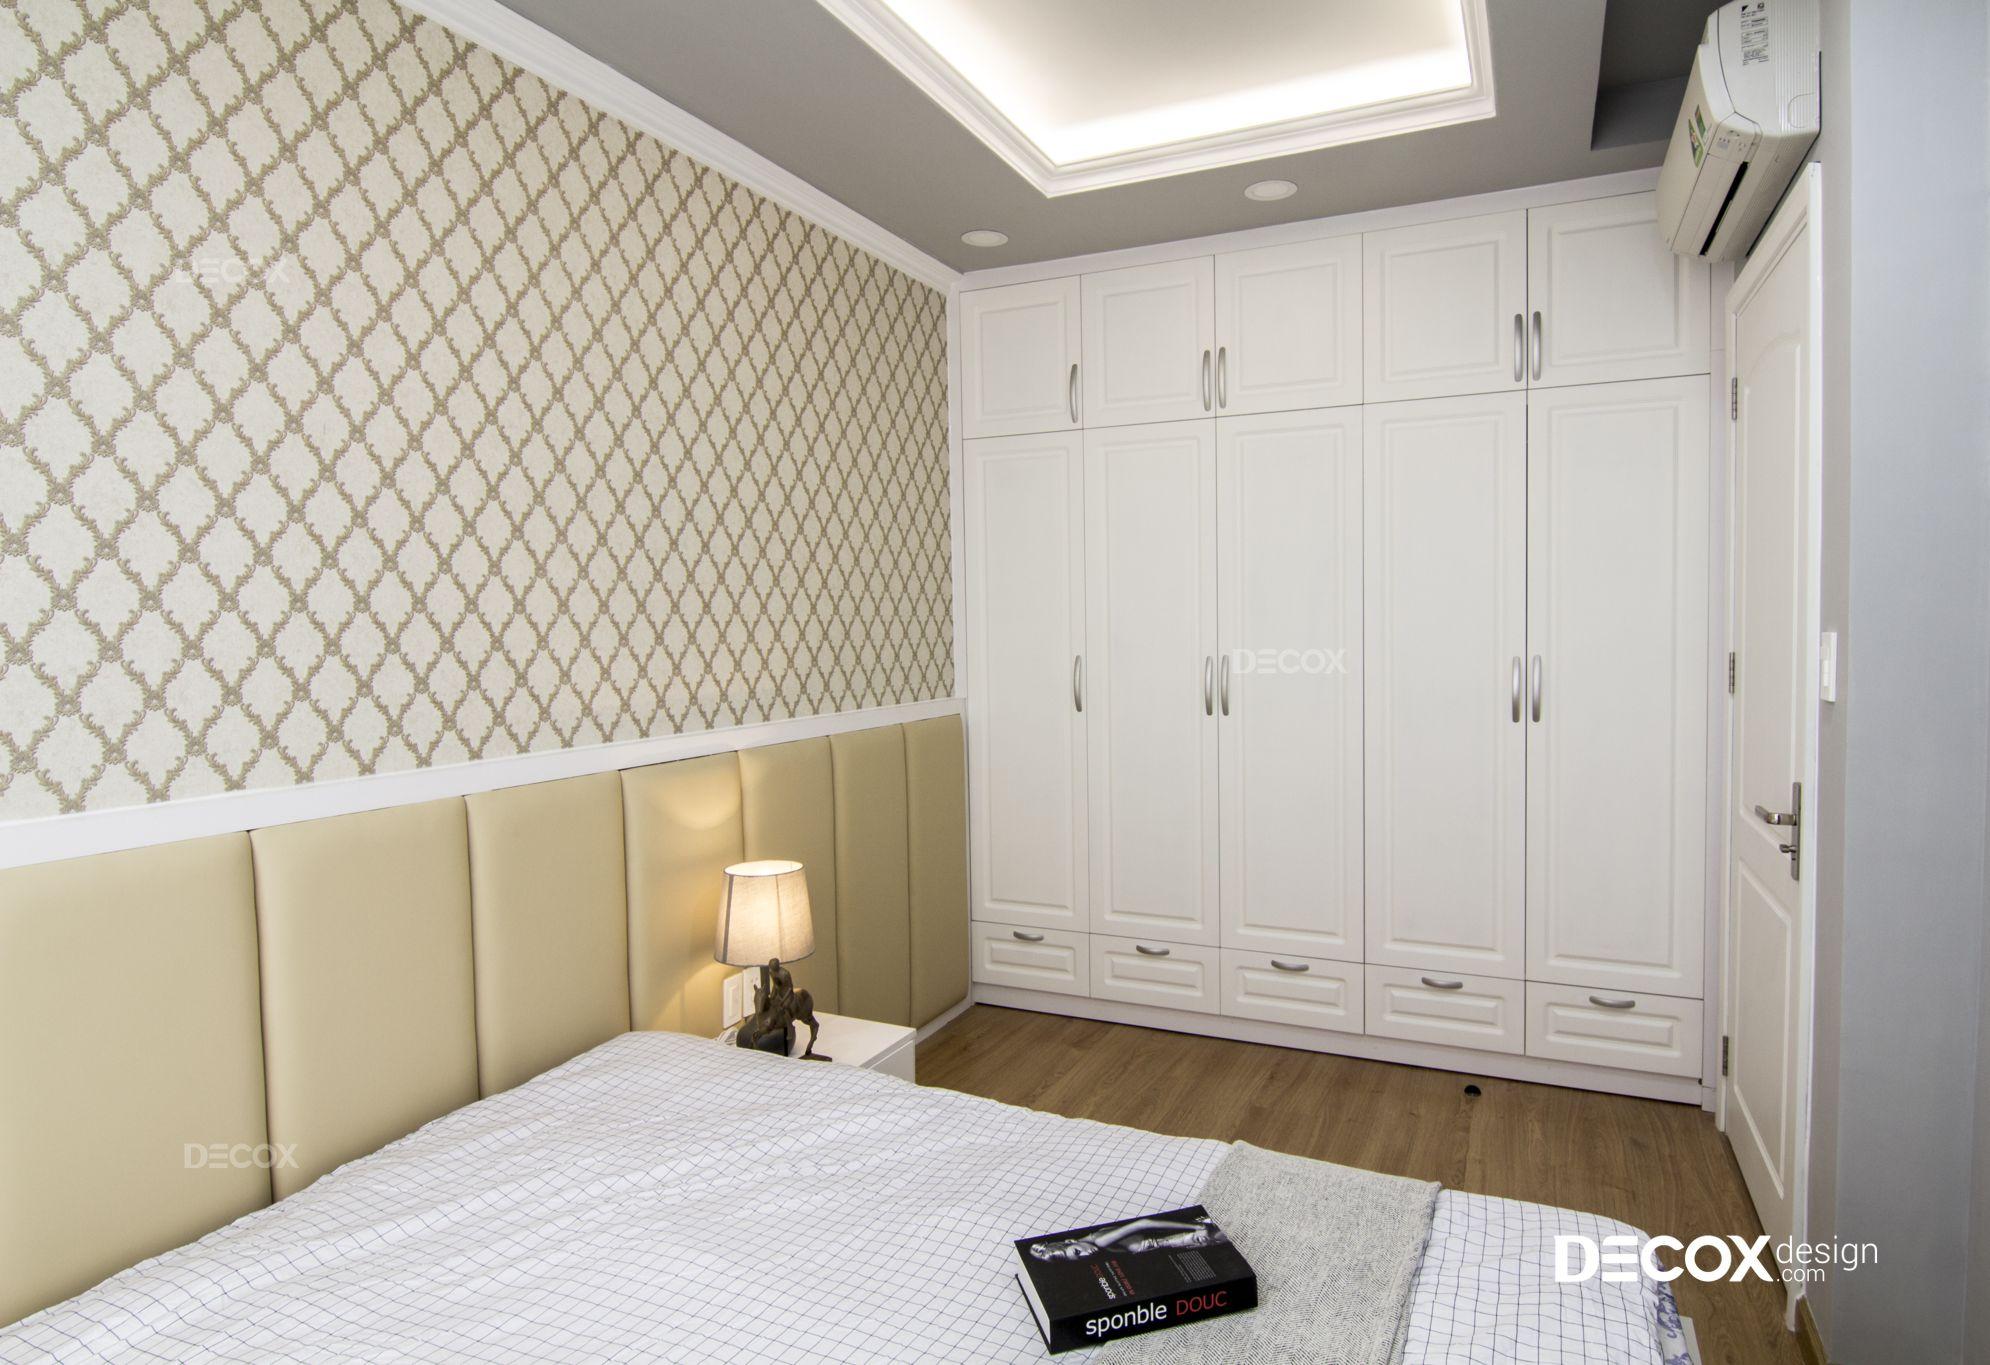 Thi công nội thất căn hộ Gold View 116m2